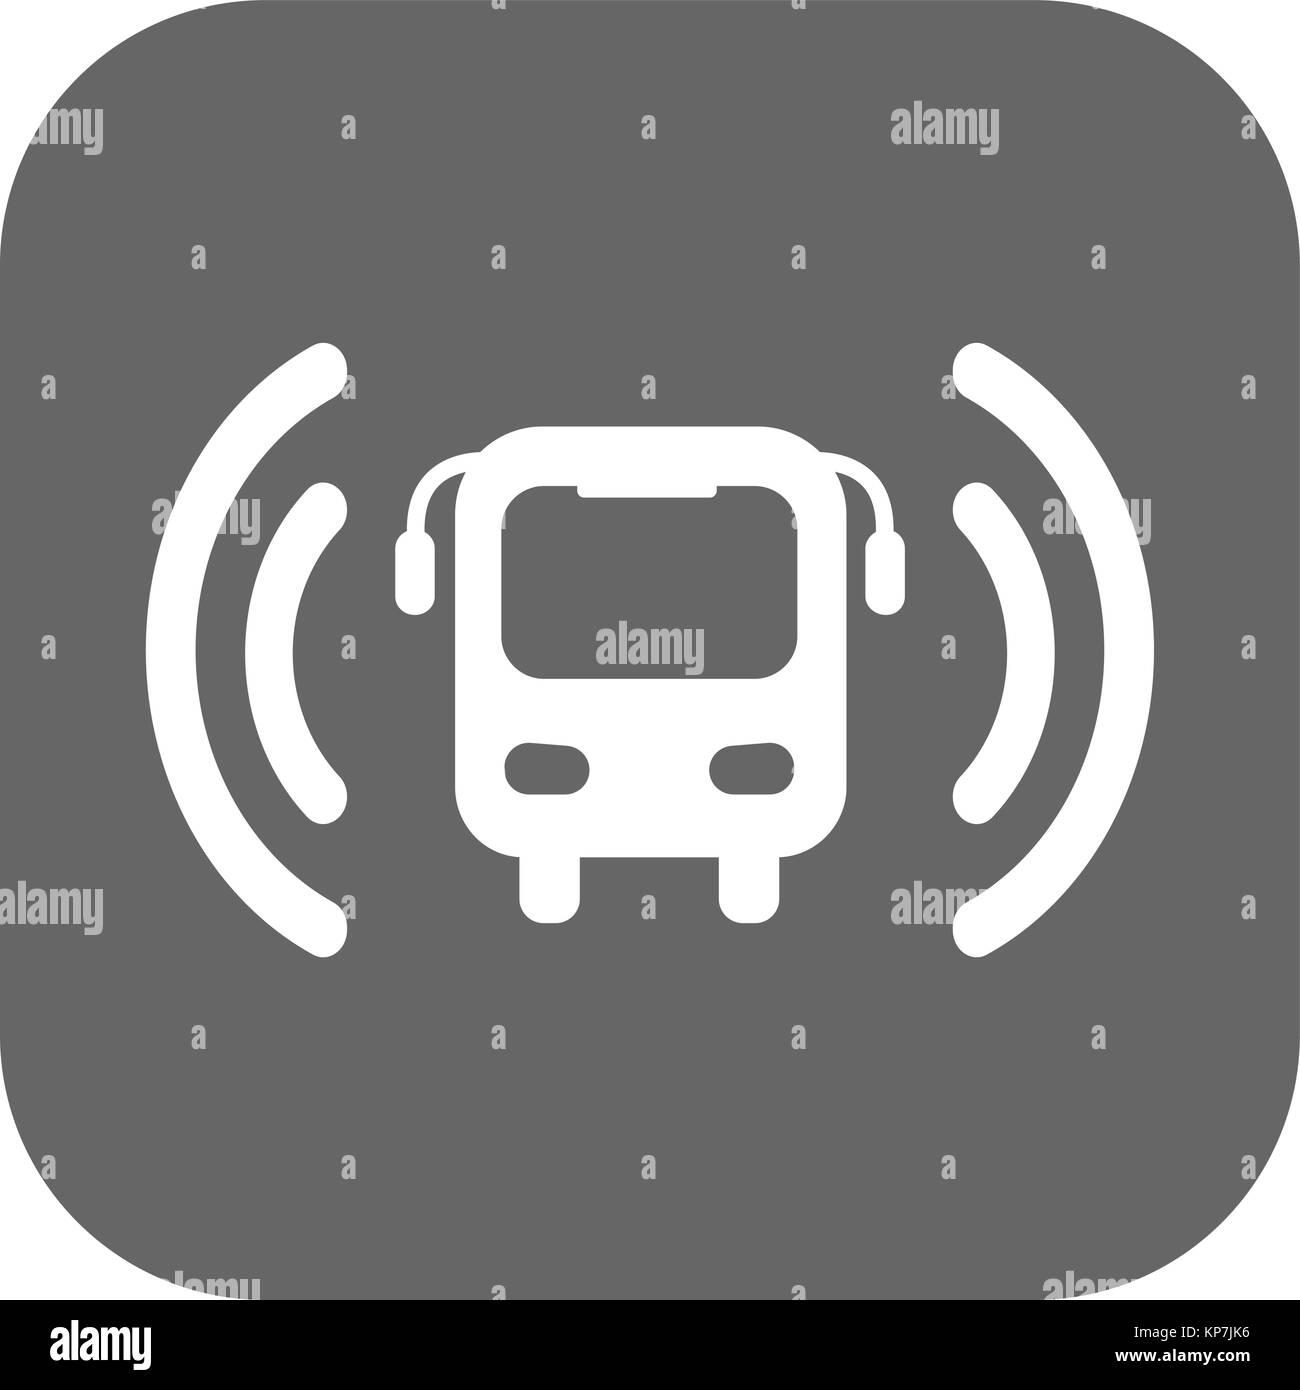 Wi-fi bus icono vectorial Imagen De Stock